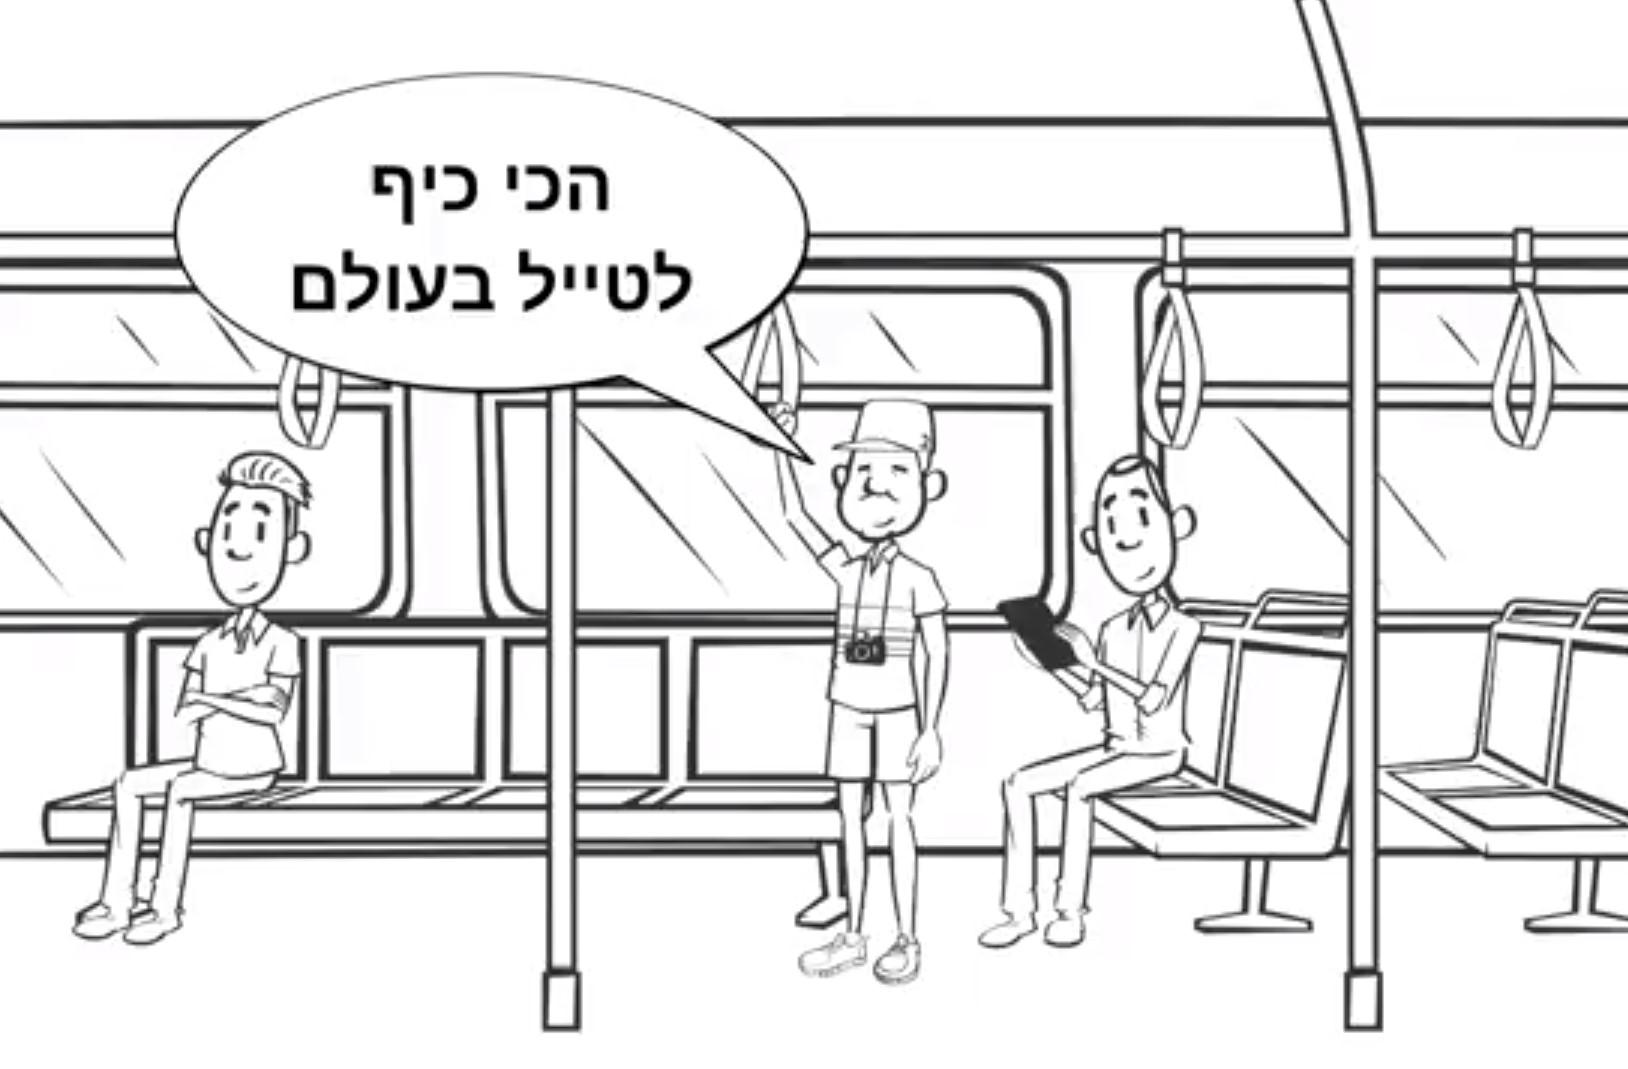 סרטוני אנימציה כדרך לפרסום עסקים